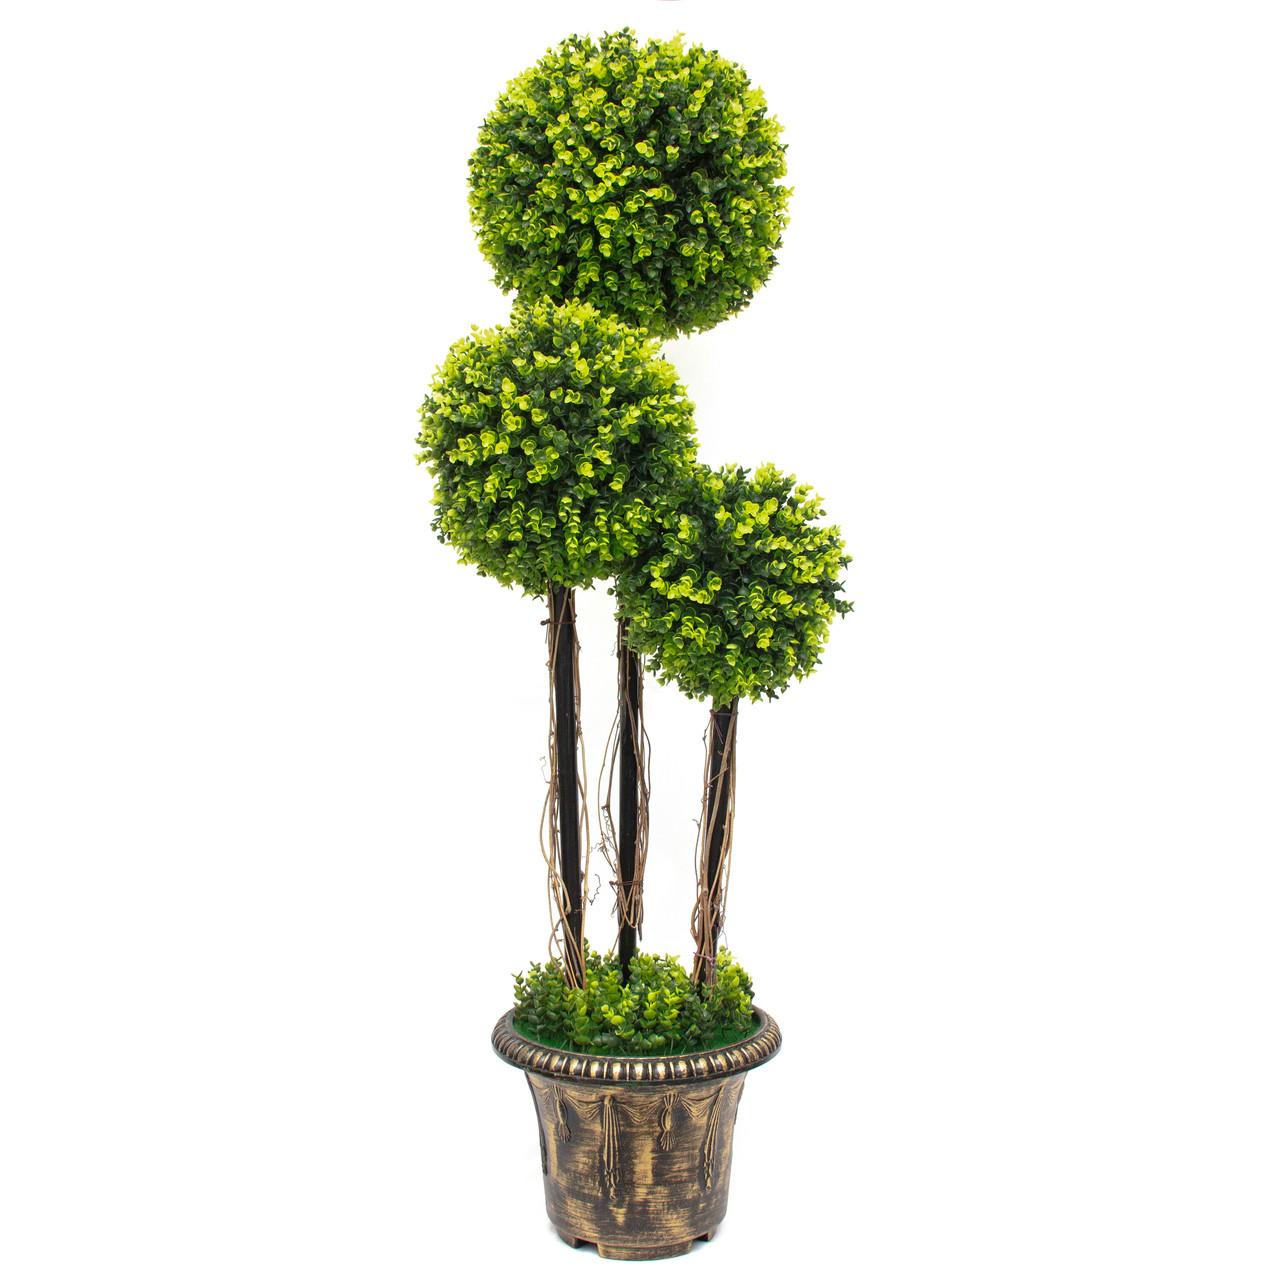 Искусственное дерево Самшит, 120 см (960101)